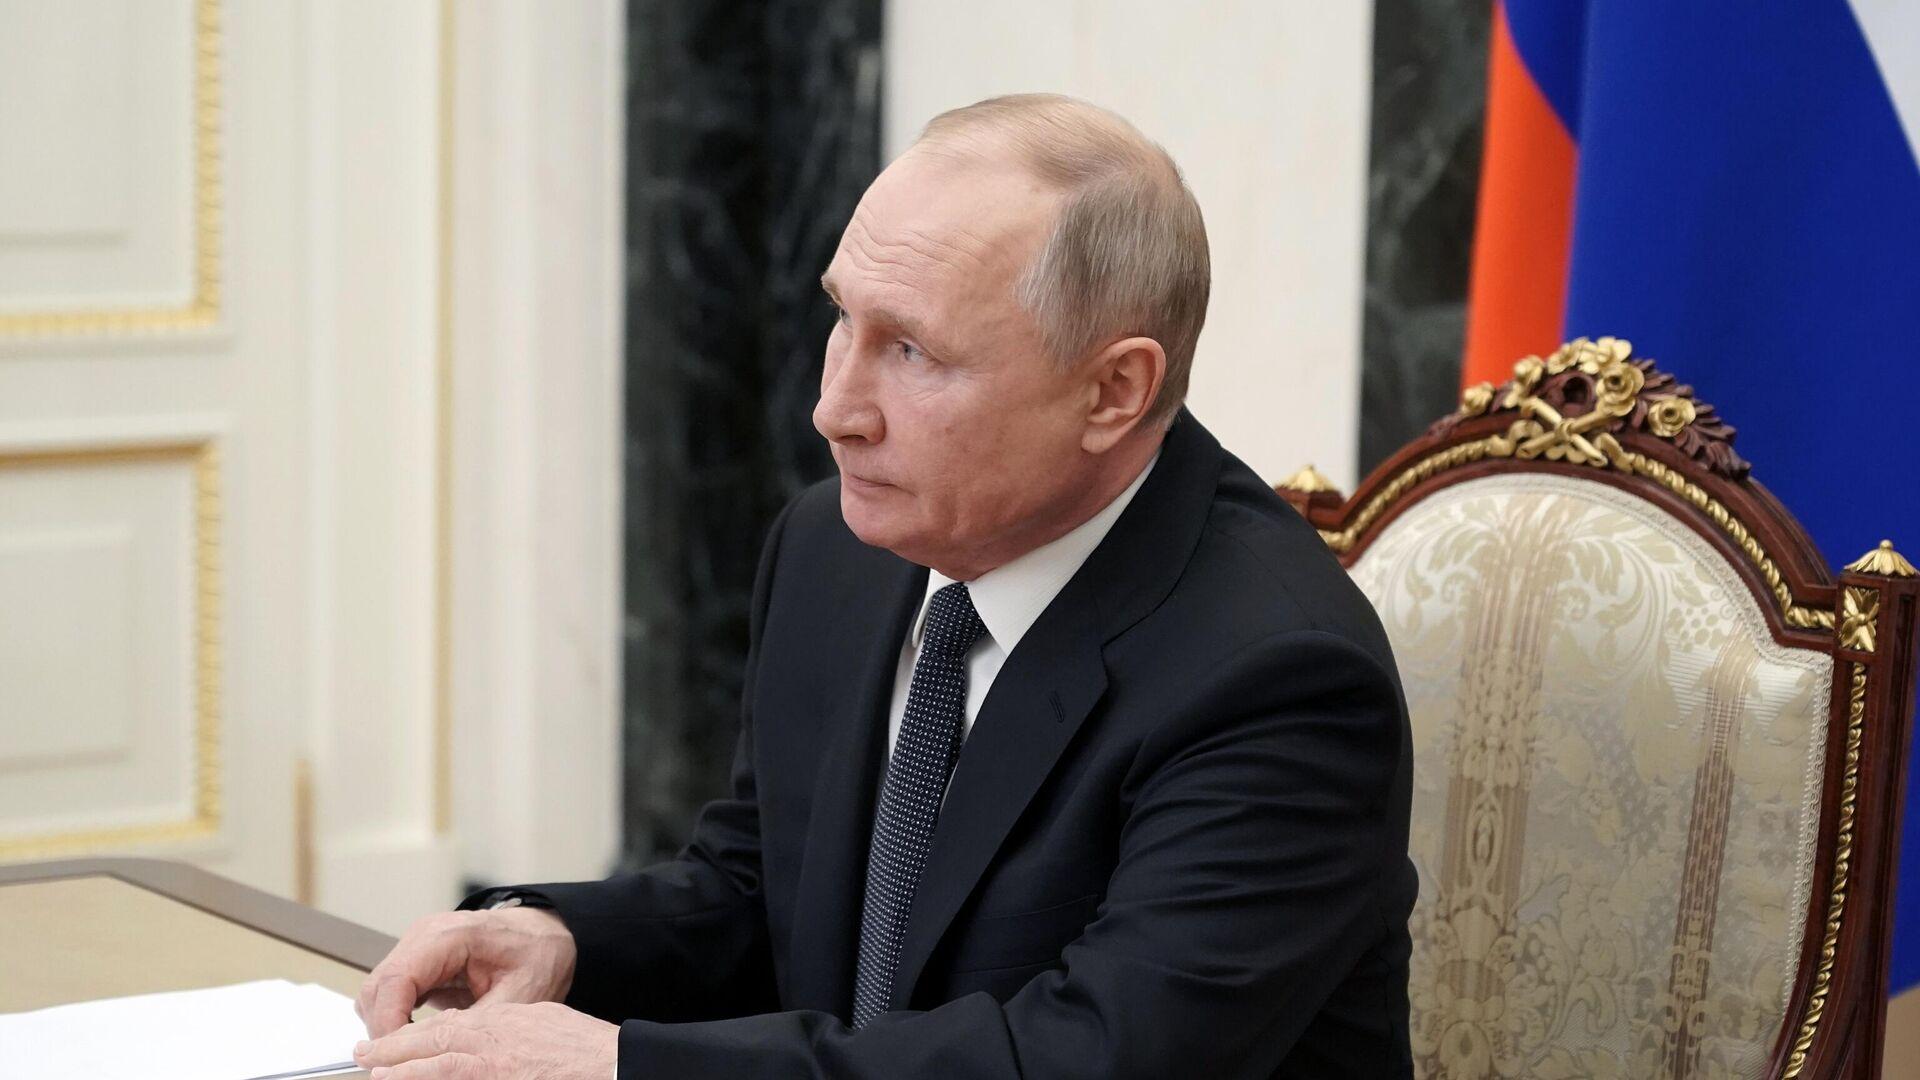 Президент РФ В. Путин провел заседание Совбеза РФ - РИА Новости, 1920, 03.03.2021